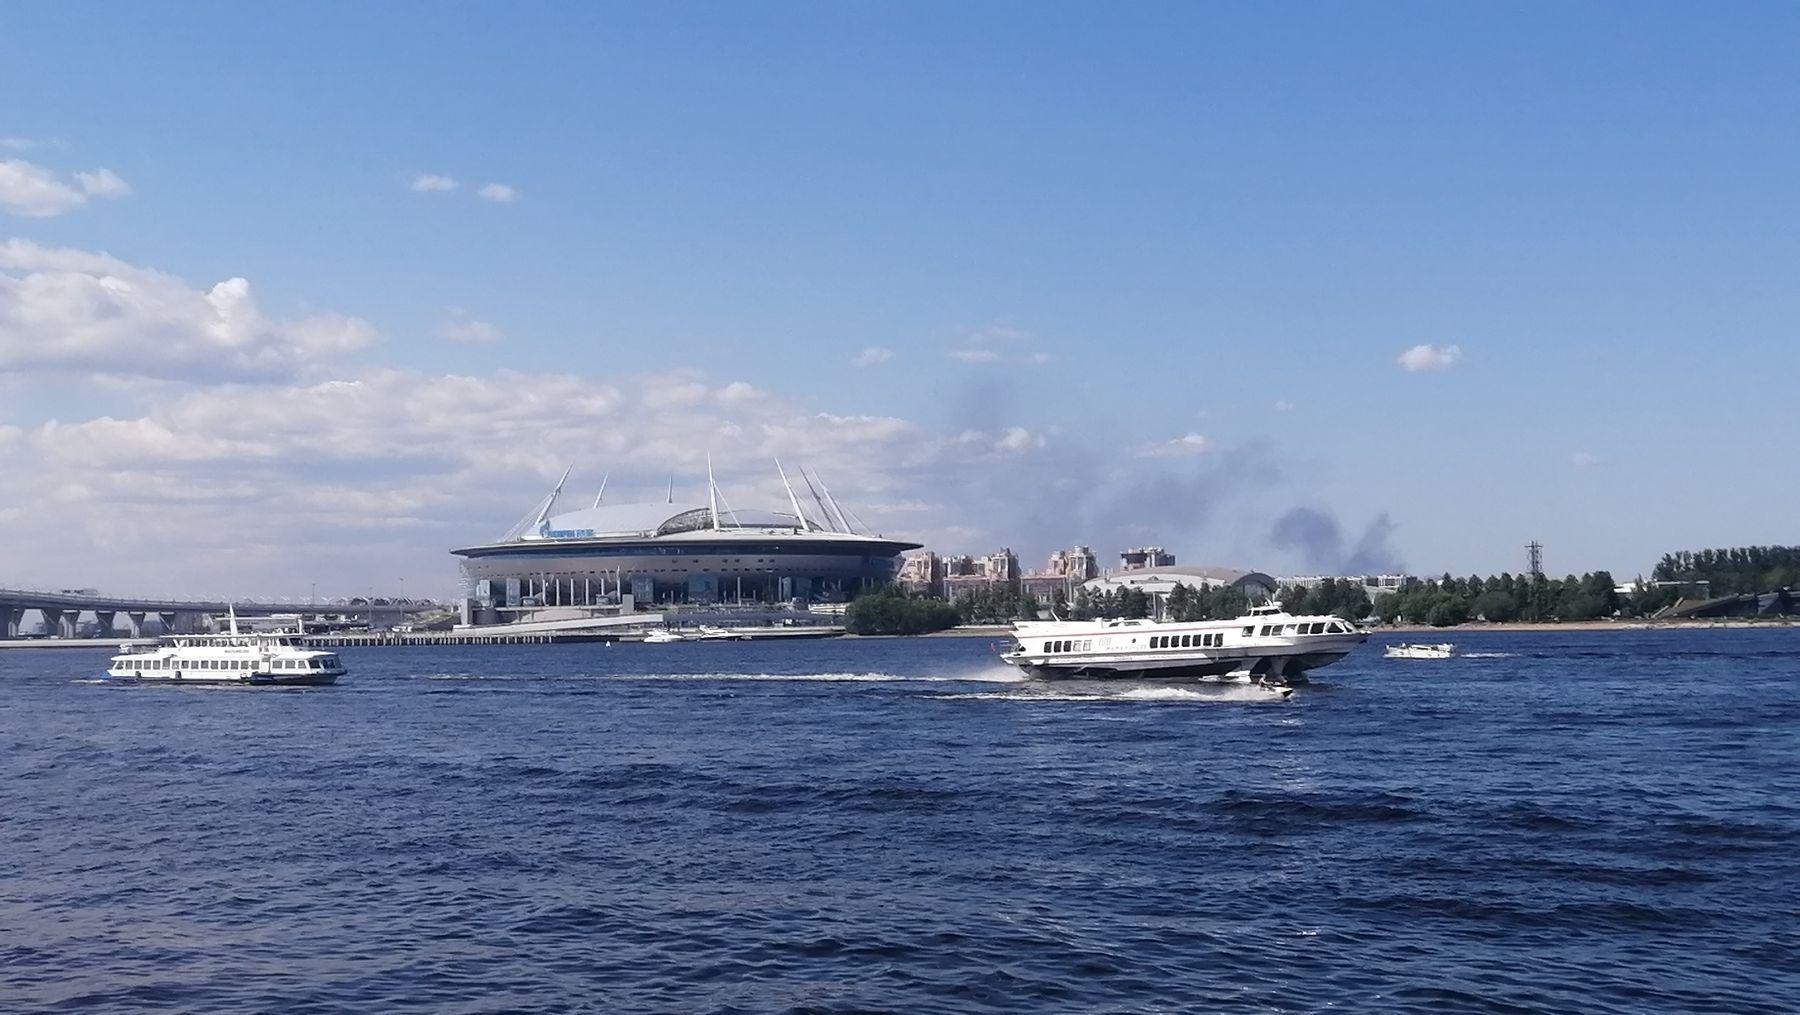 Июньский Стадион Санкт-Петербург Санкт-Петербург стадион 2021 лето евро футбол спорт достопримечательности